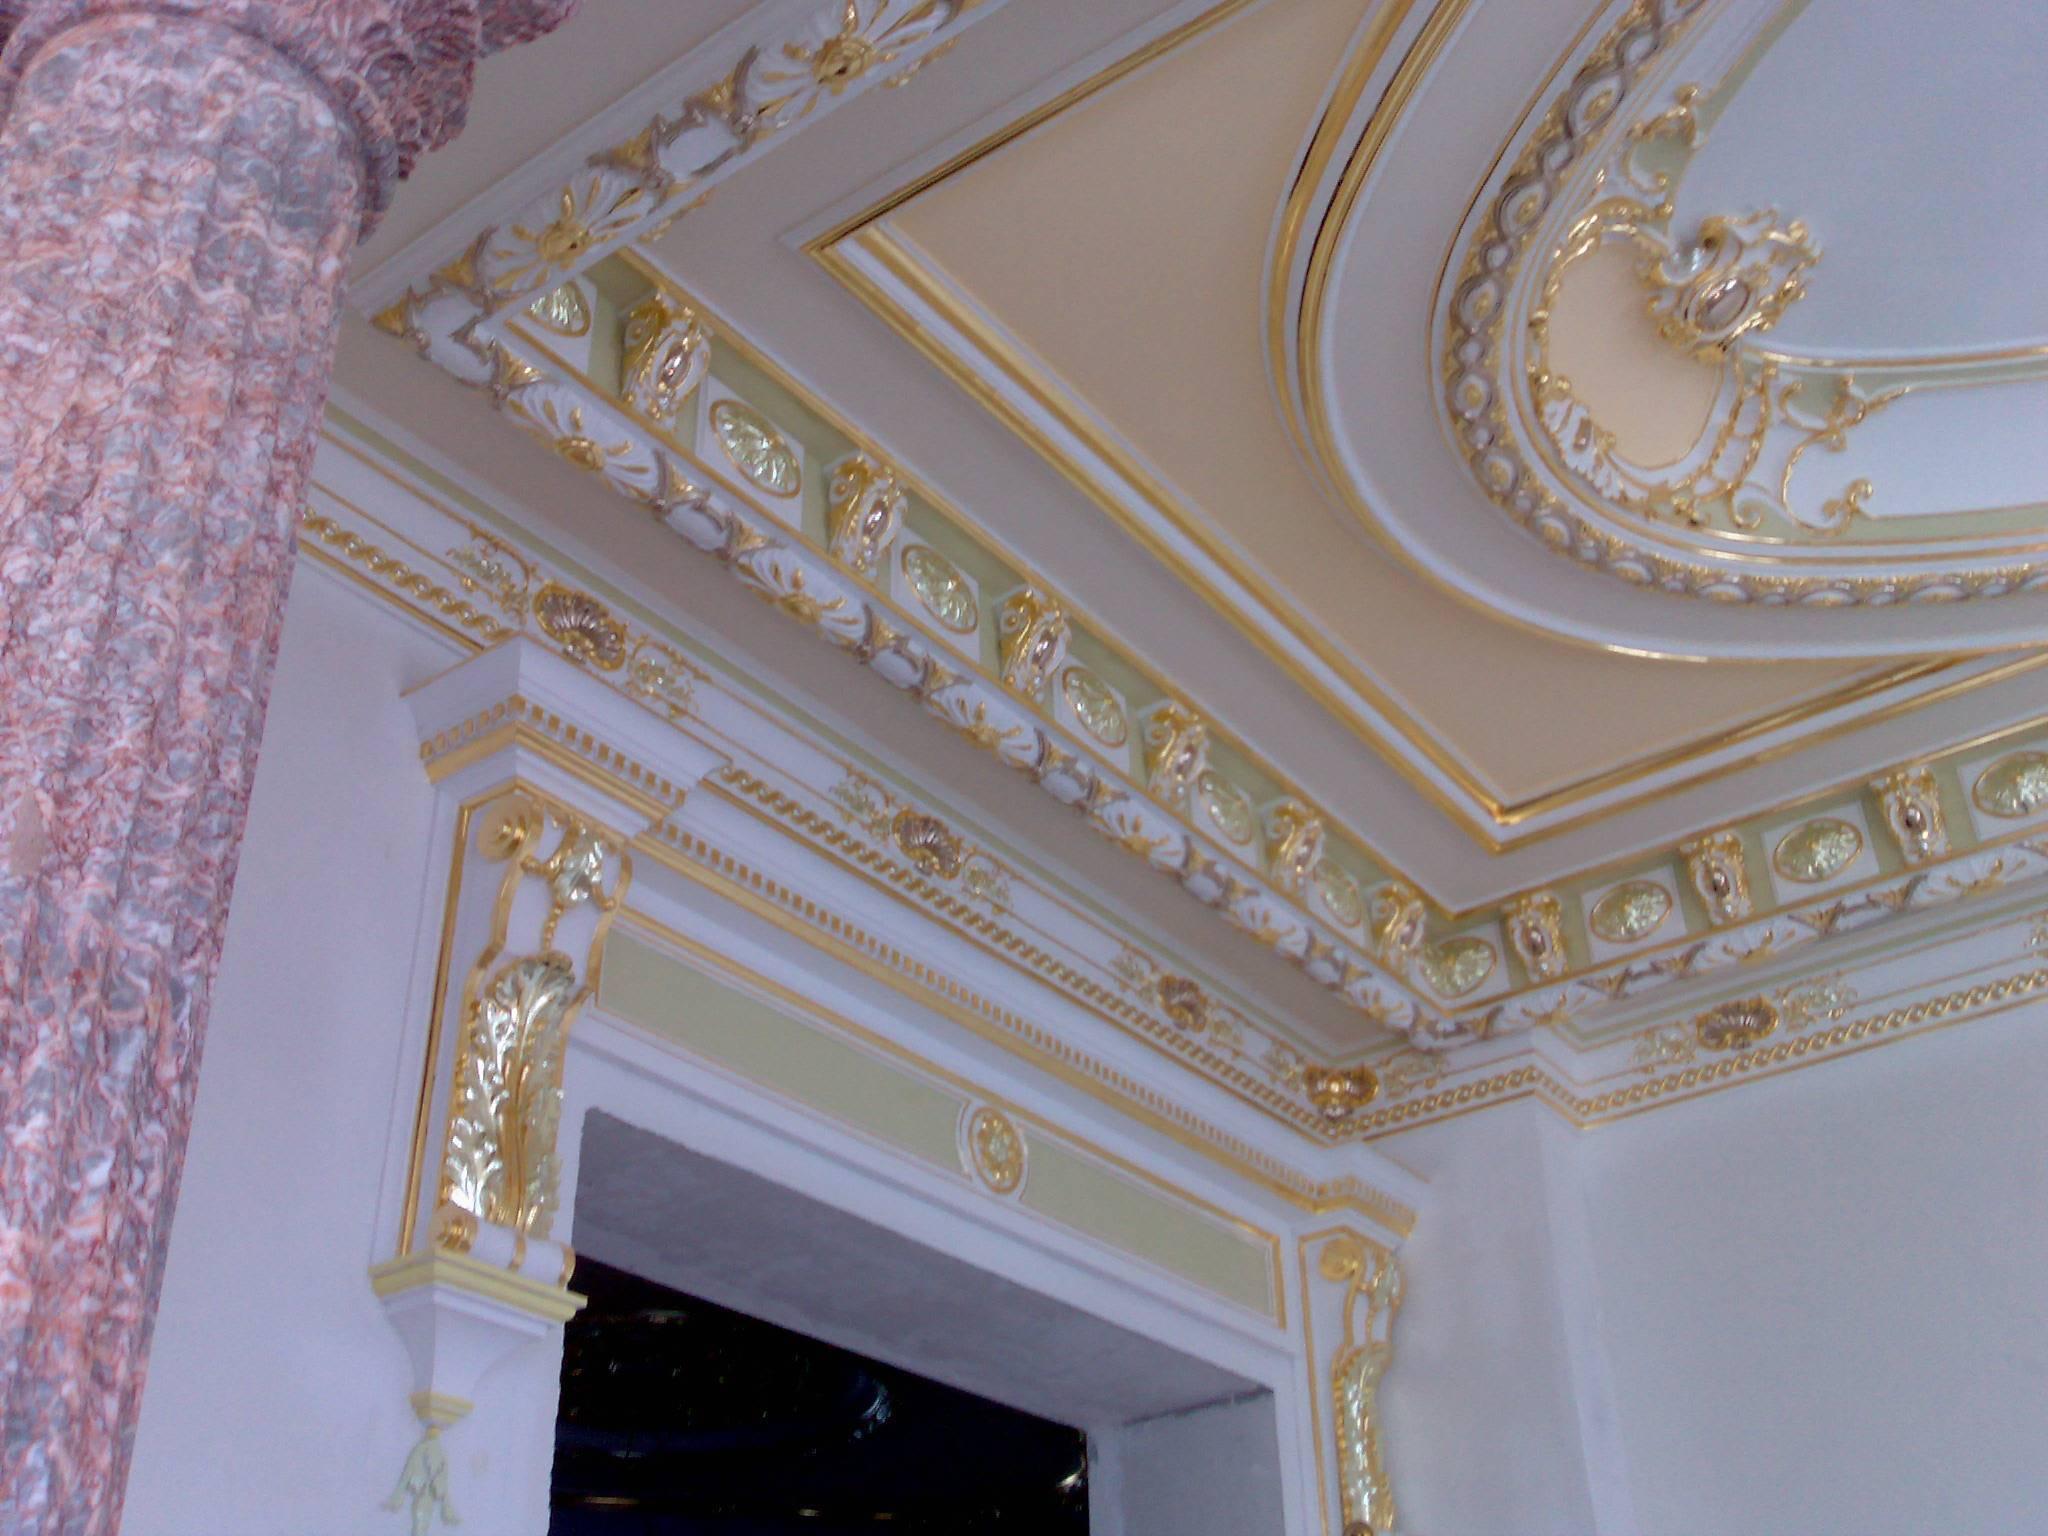 Лепнина на потолке: варианты оформления. грамотная реставрация гипсовой лепнины как реставрировать гипсовую лепнину